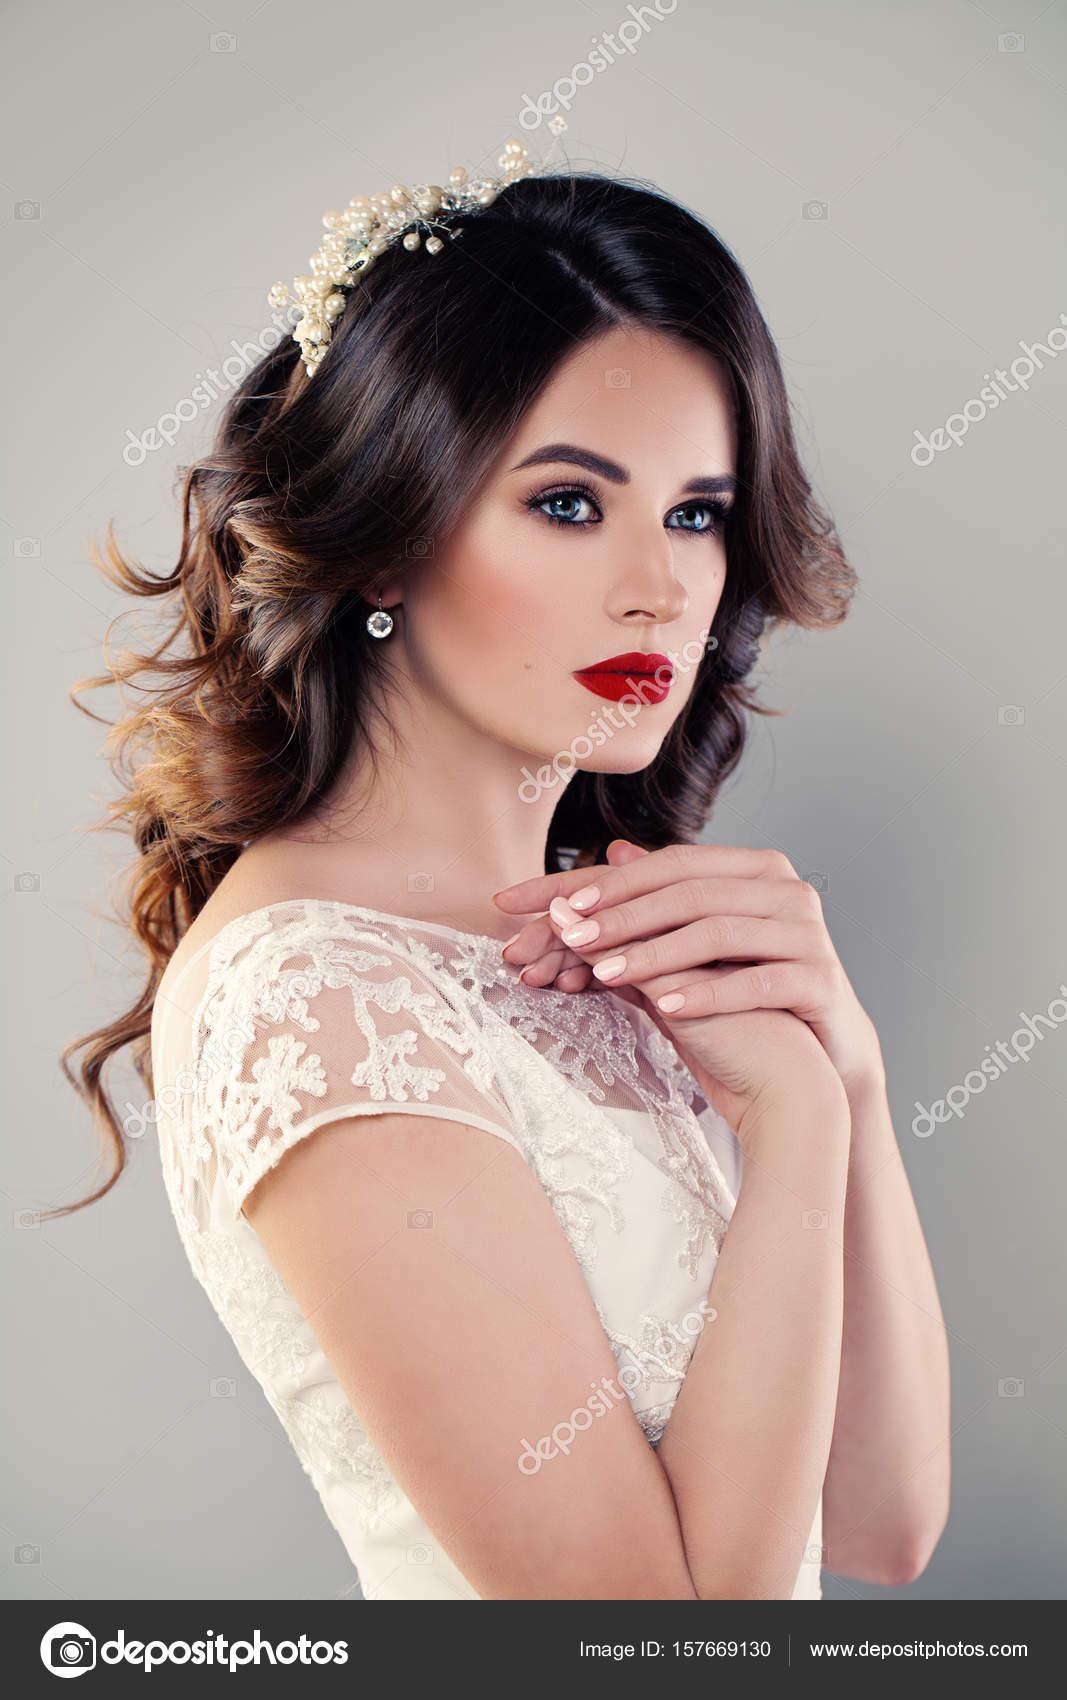 Nettes Mädchen Mode Model Braut im weißen Kleid. Hochzeit Make-up ...